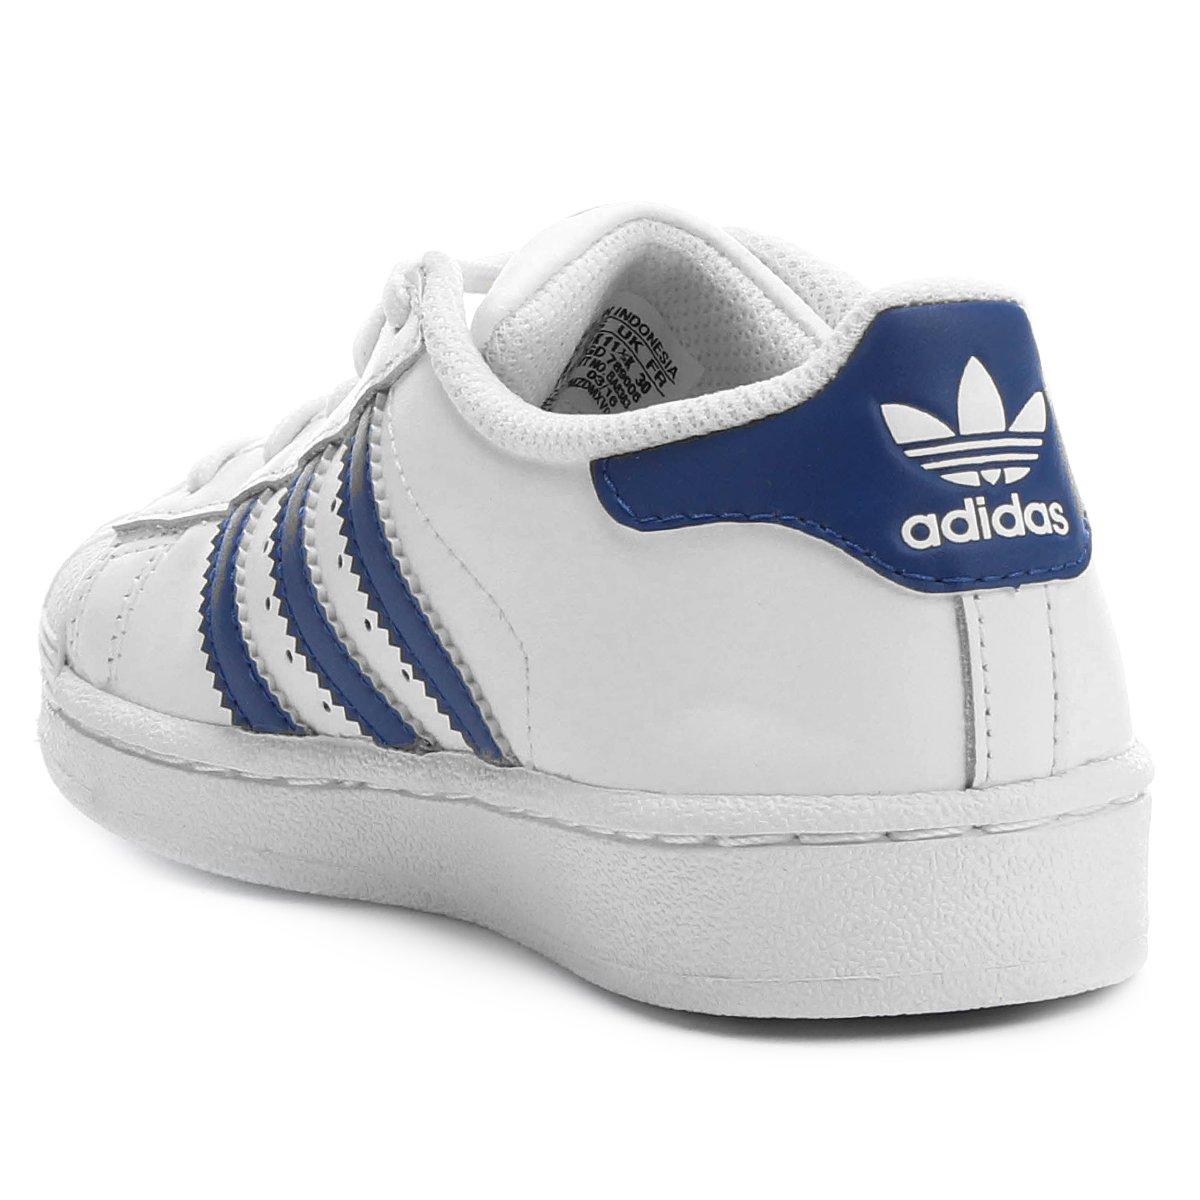 1bbfd222e2 Tênis Adidas Superstar Foundation El Infantil - Branco e Azul ...